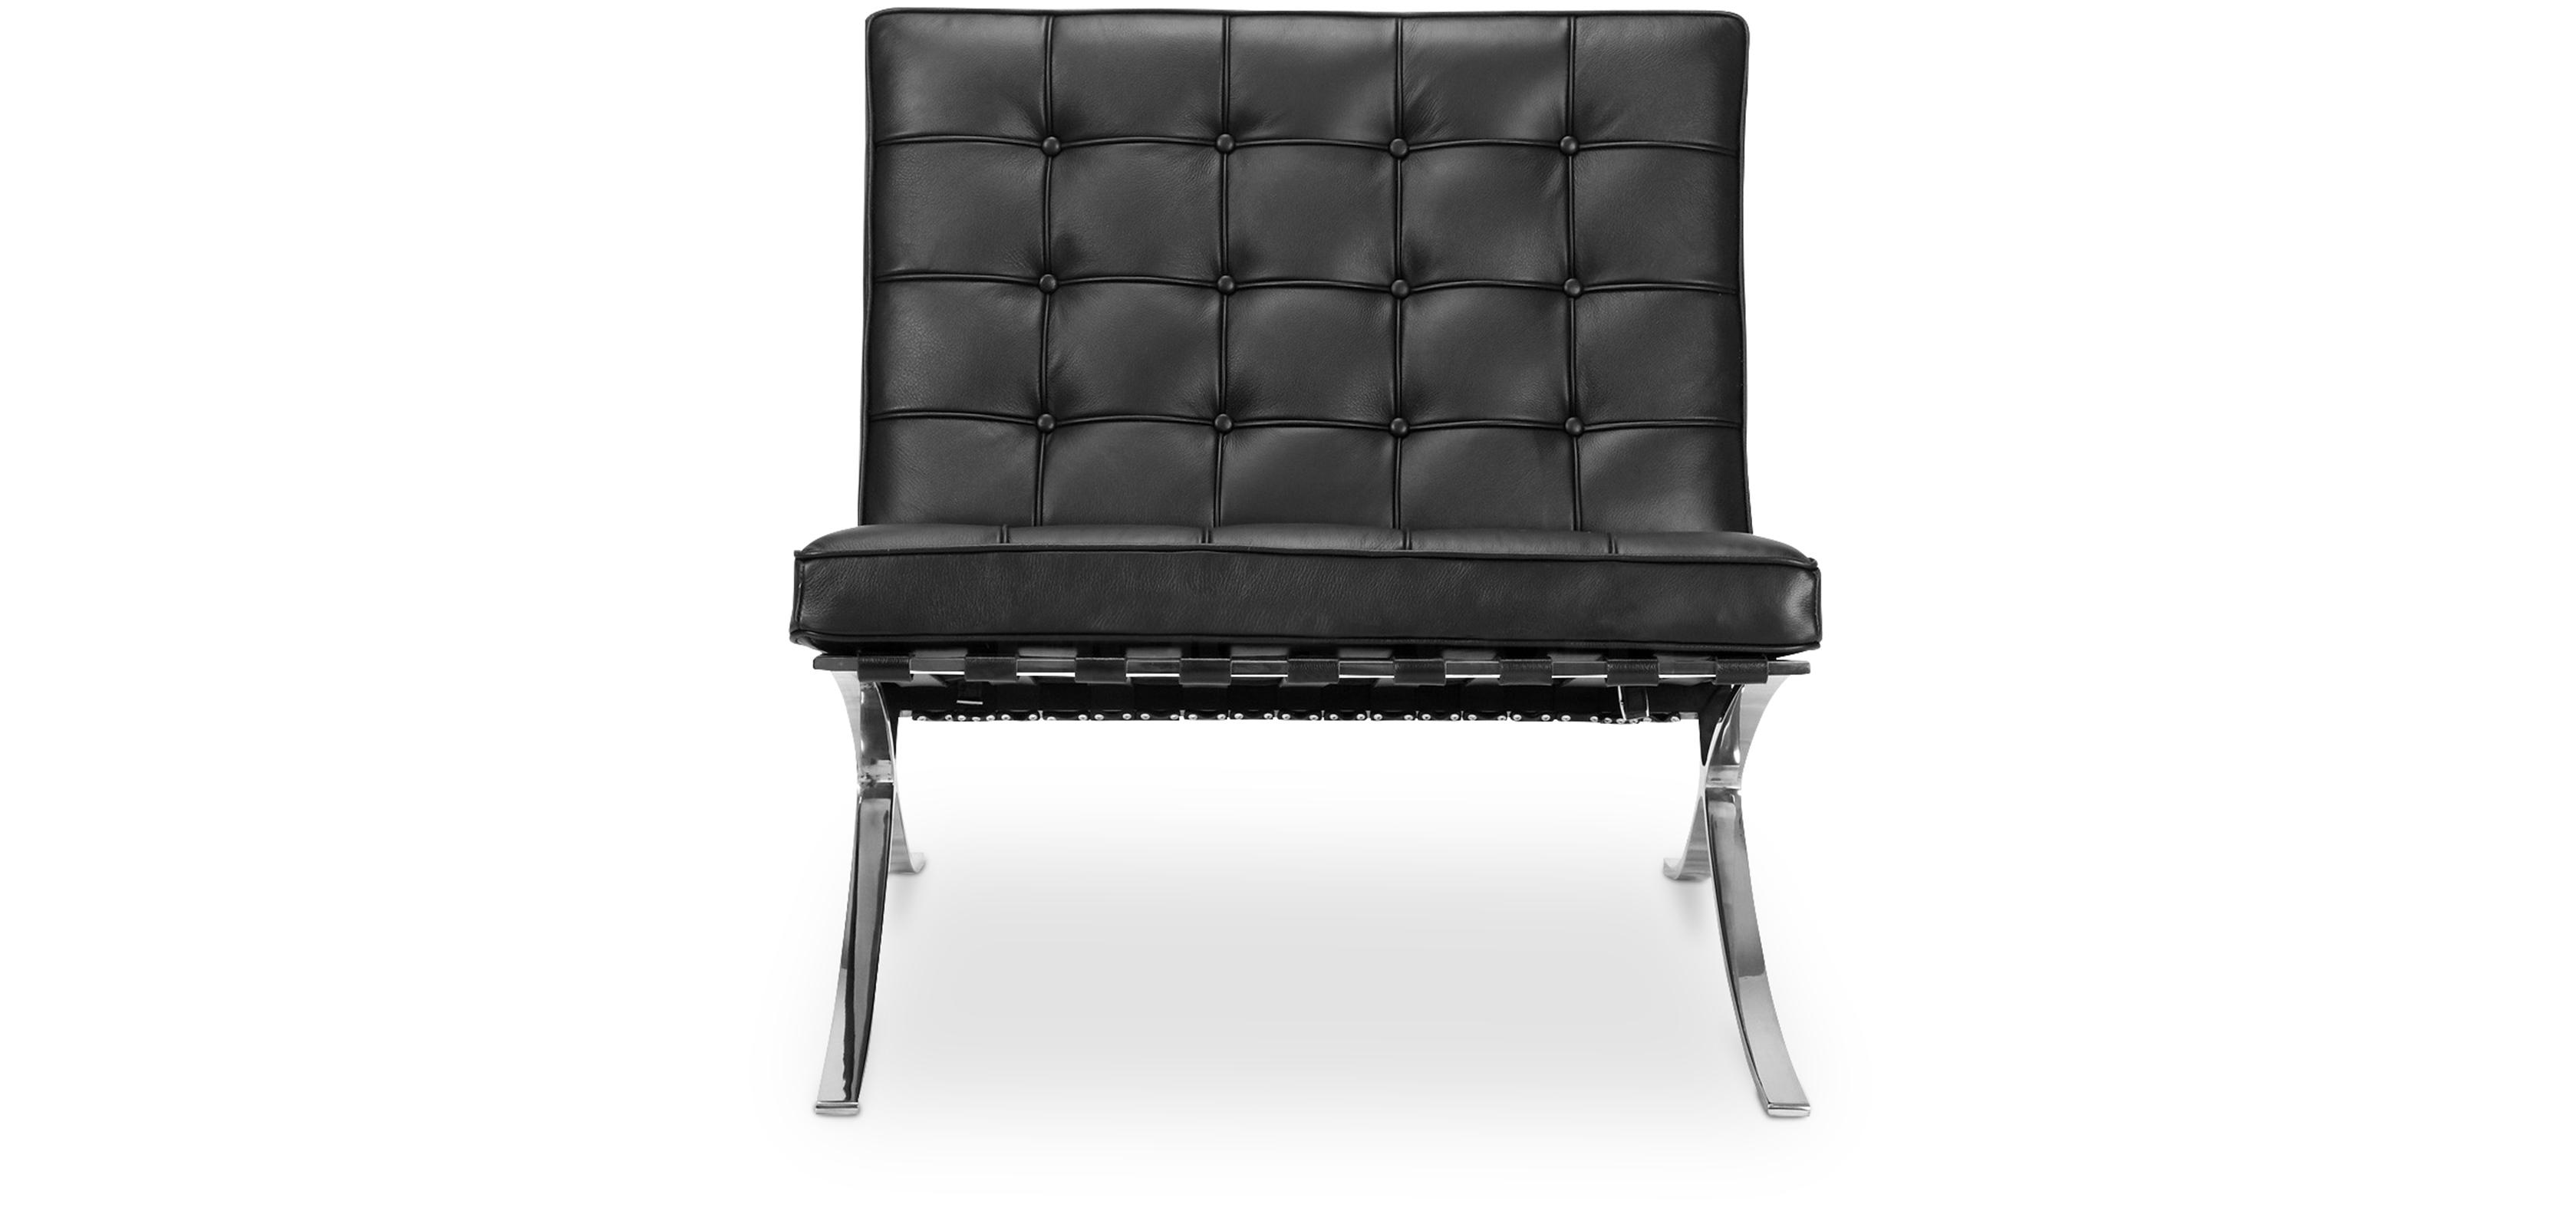 Faszinierend Sessel Mit Fußstütze Beste Wahl